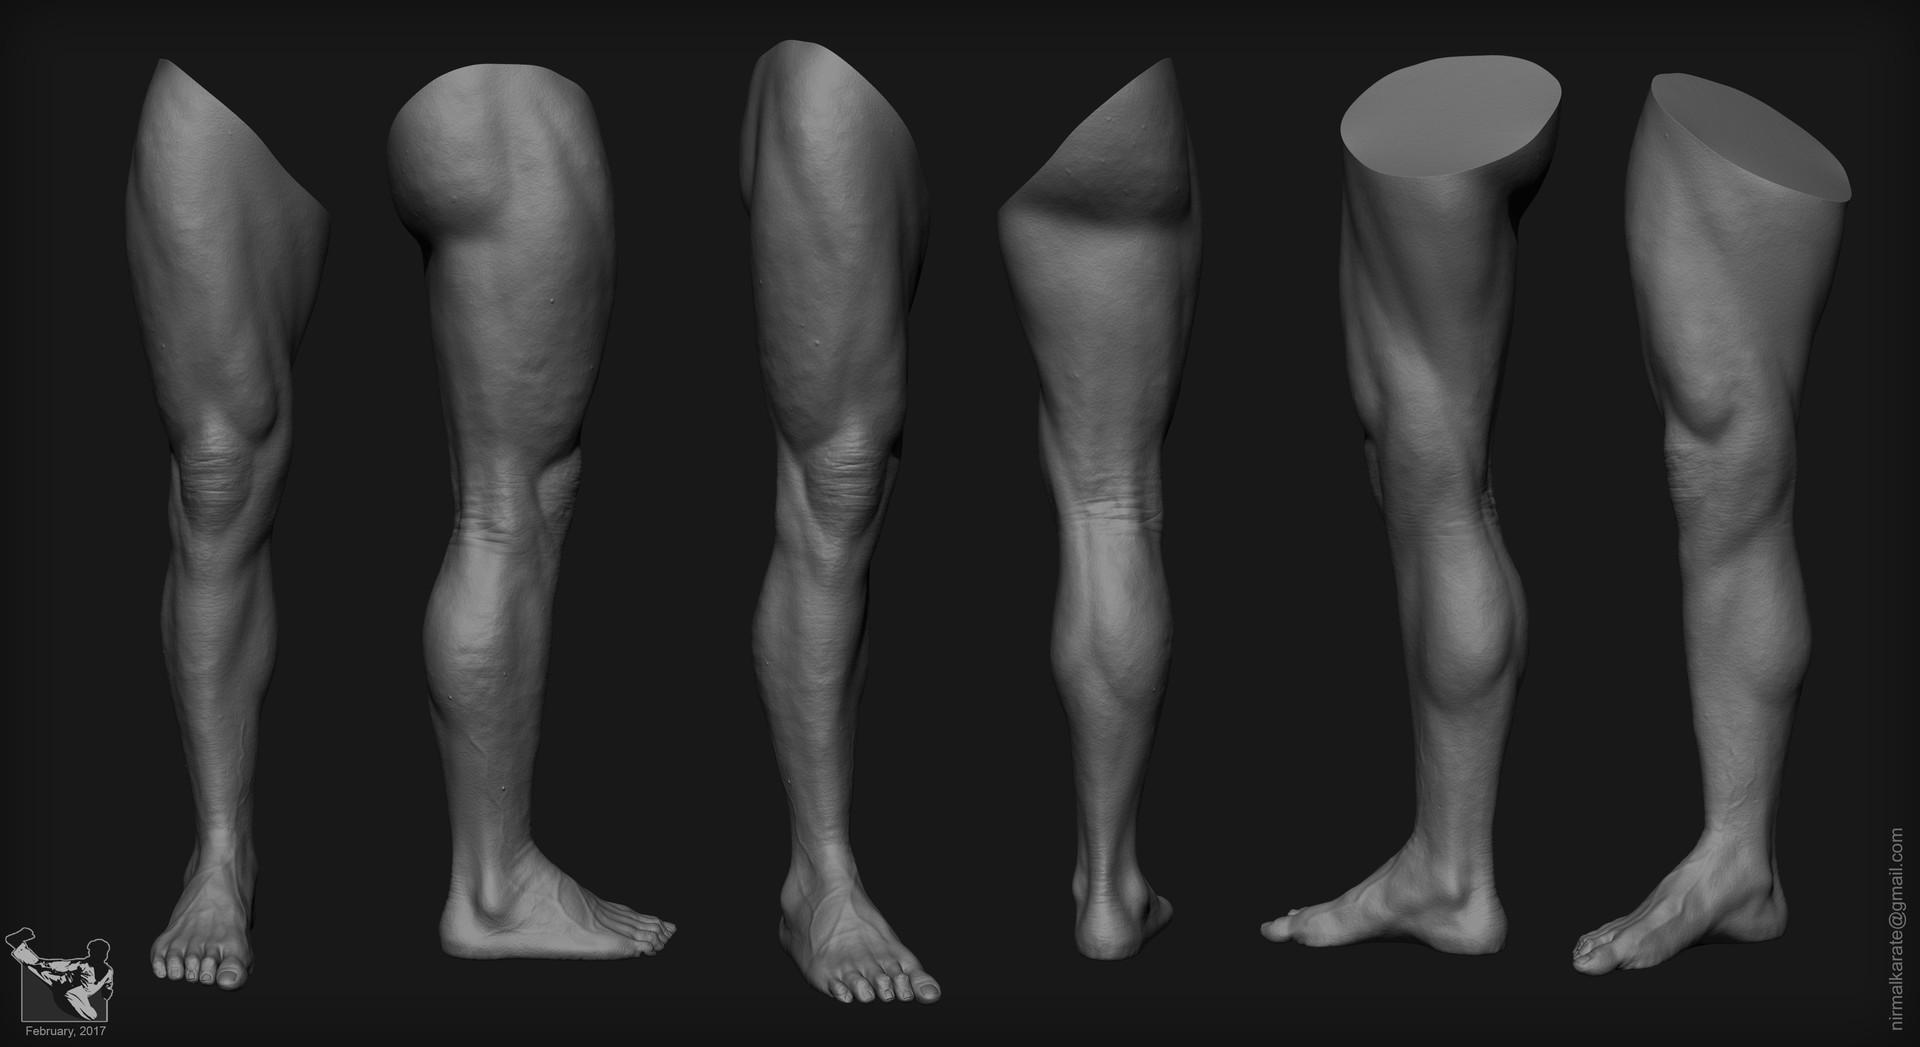 Нога что это? значение слова нога